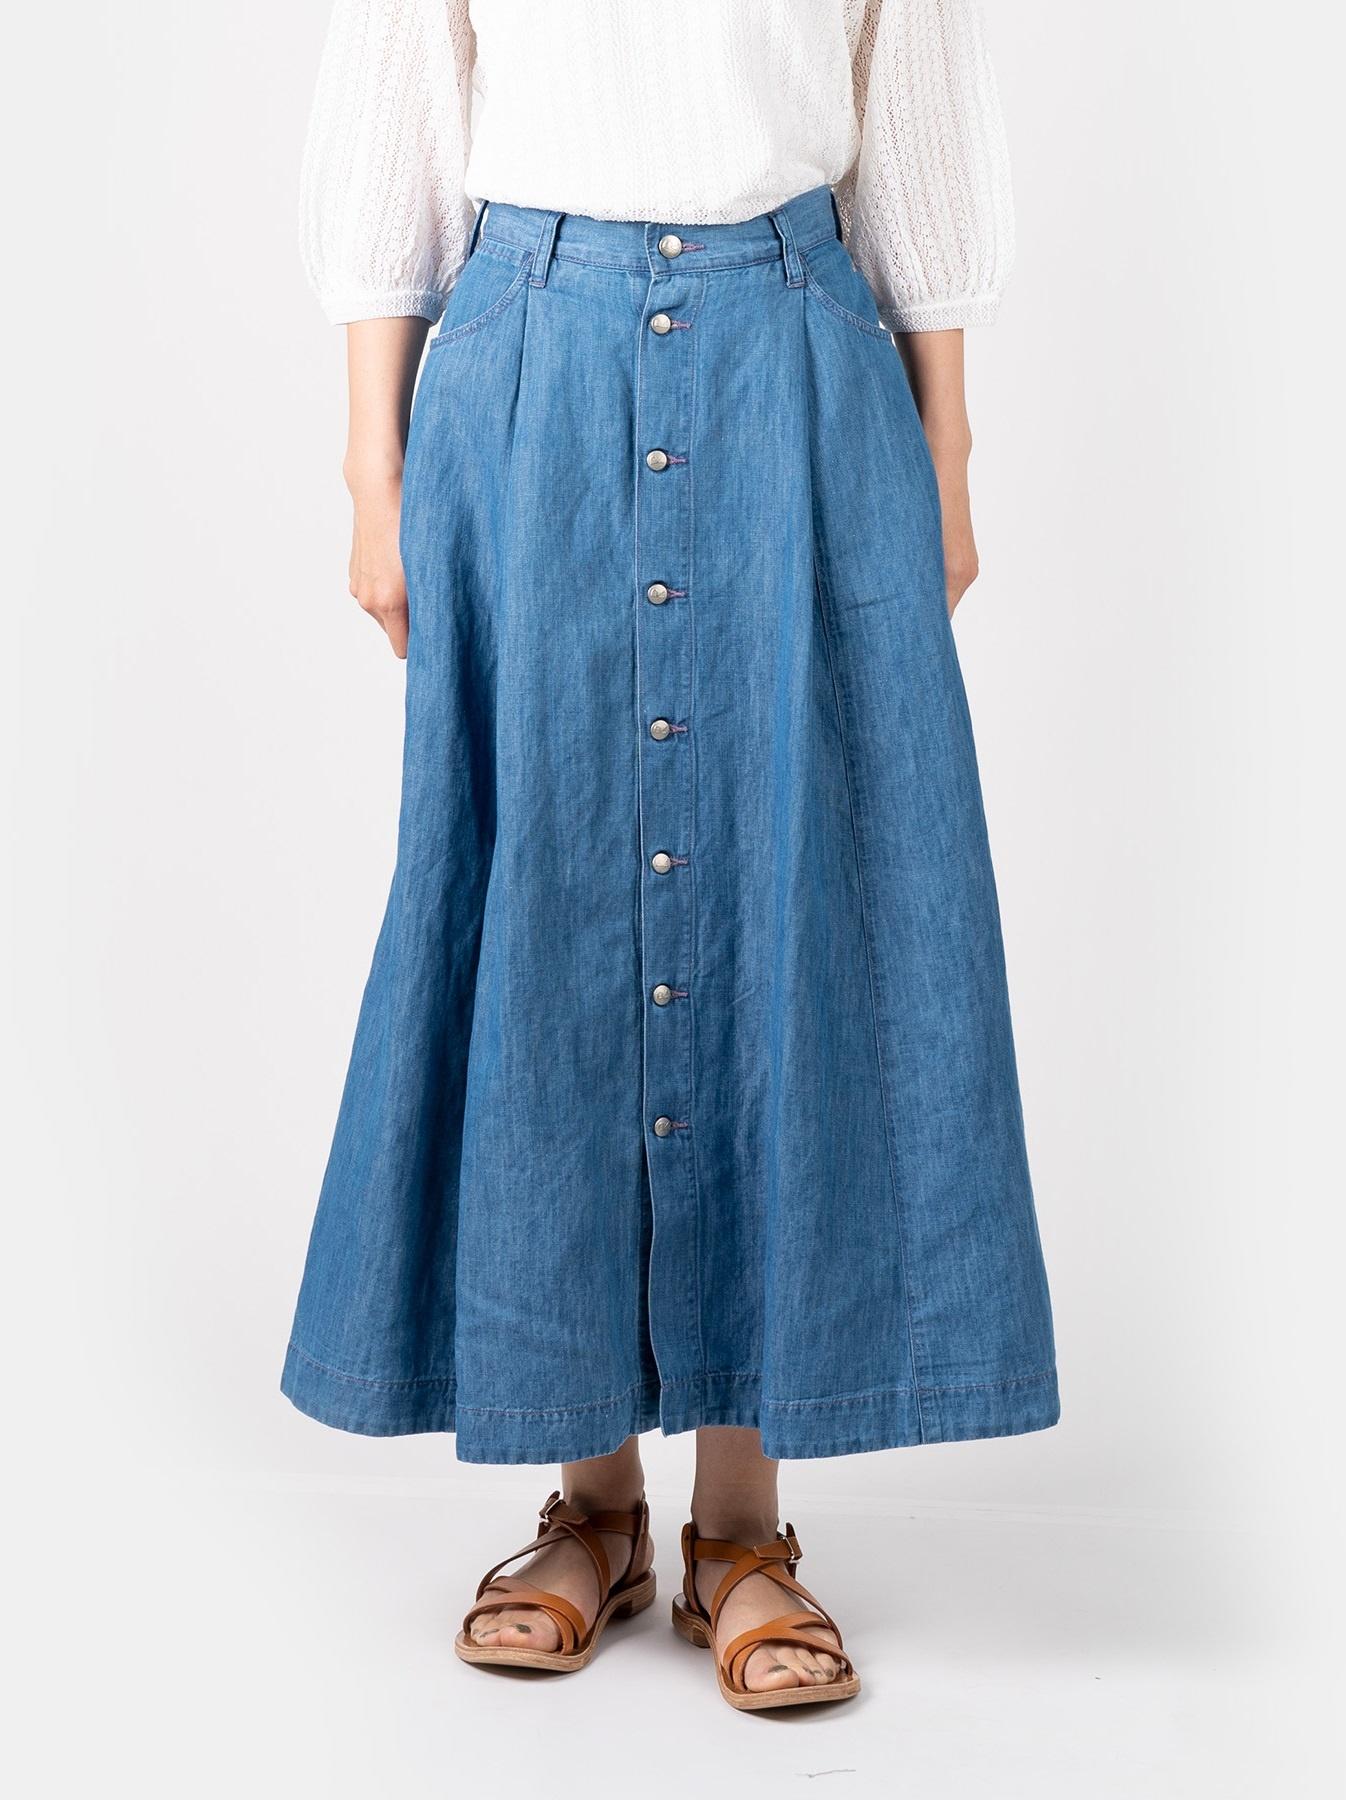 WH Cotton Linen Mon-petit Skirt-3